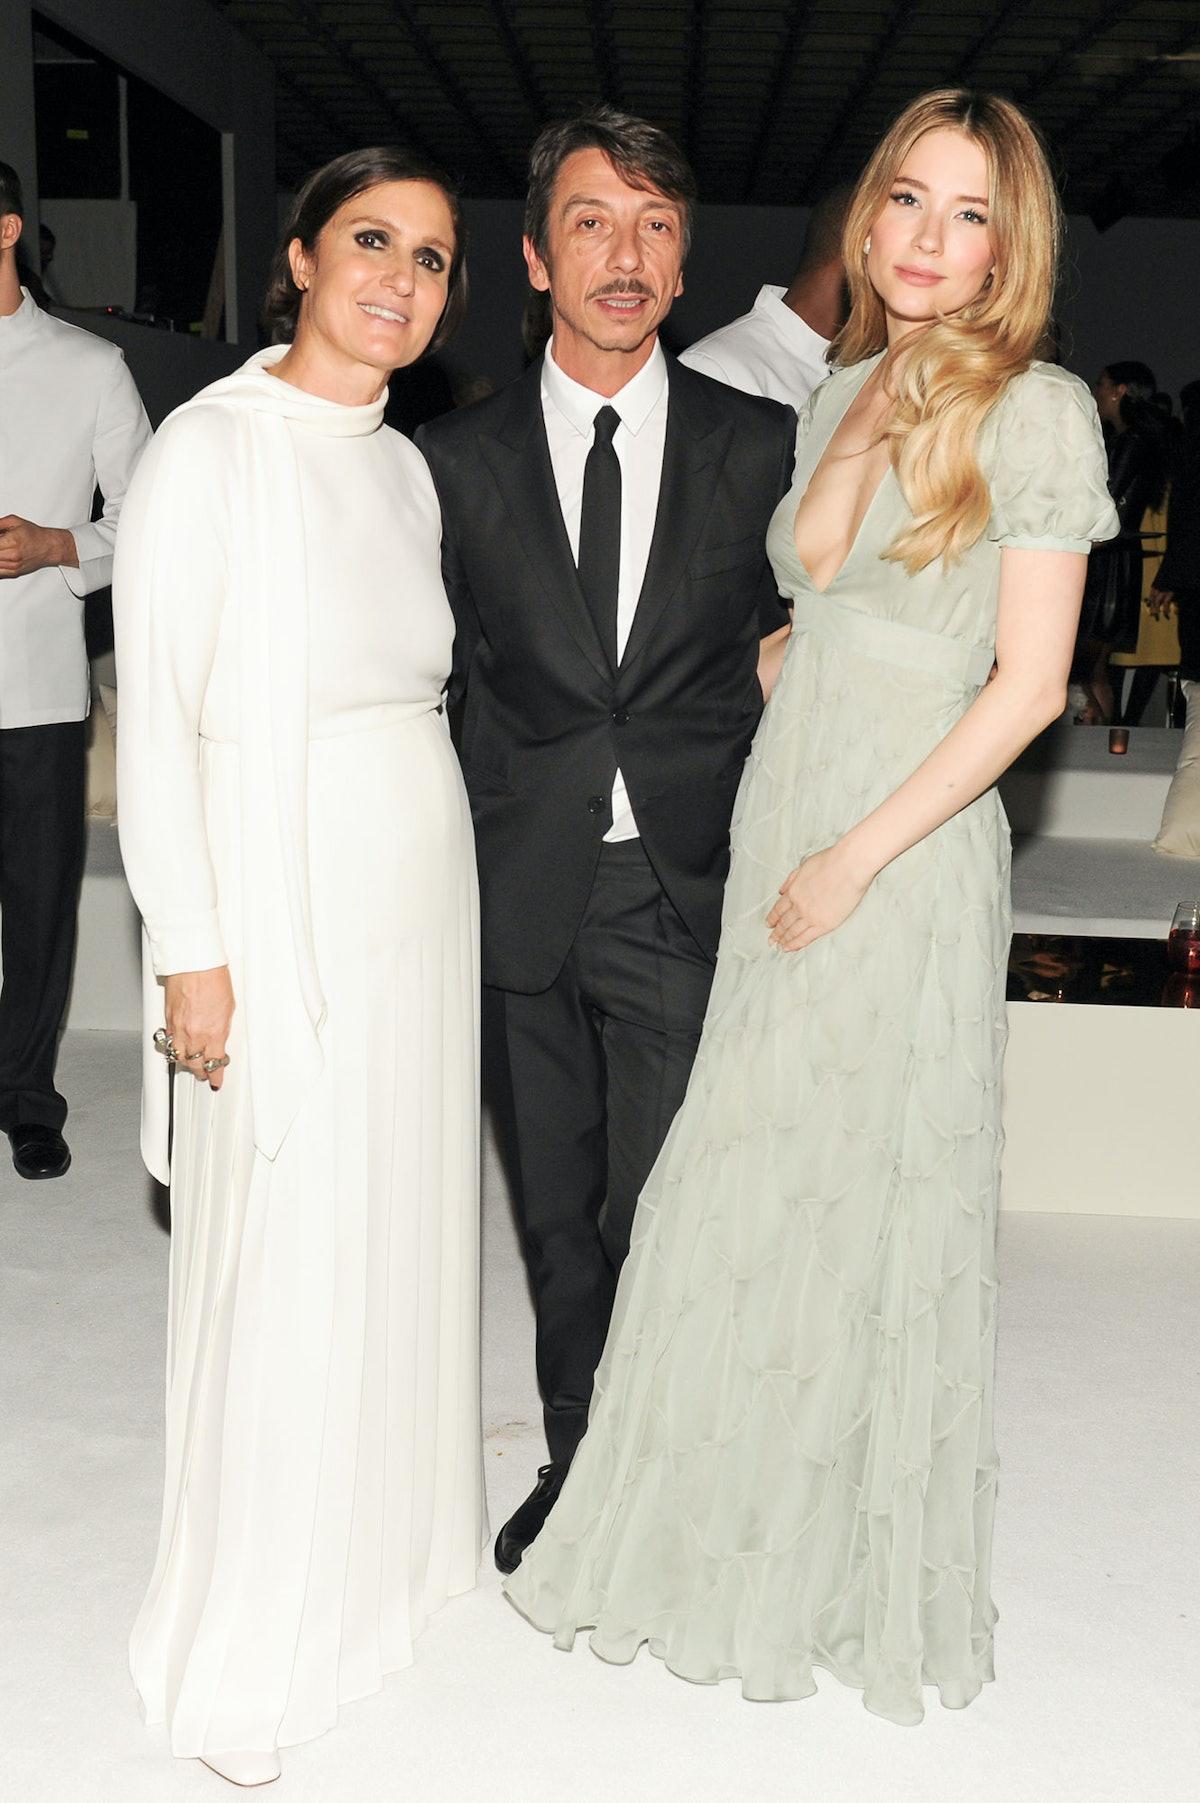 Maria Grazia Chiuri, Pierpaolo Piccioli, and Haley Bennett